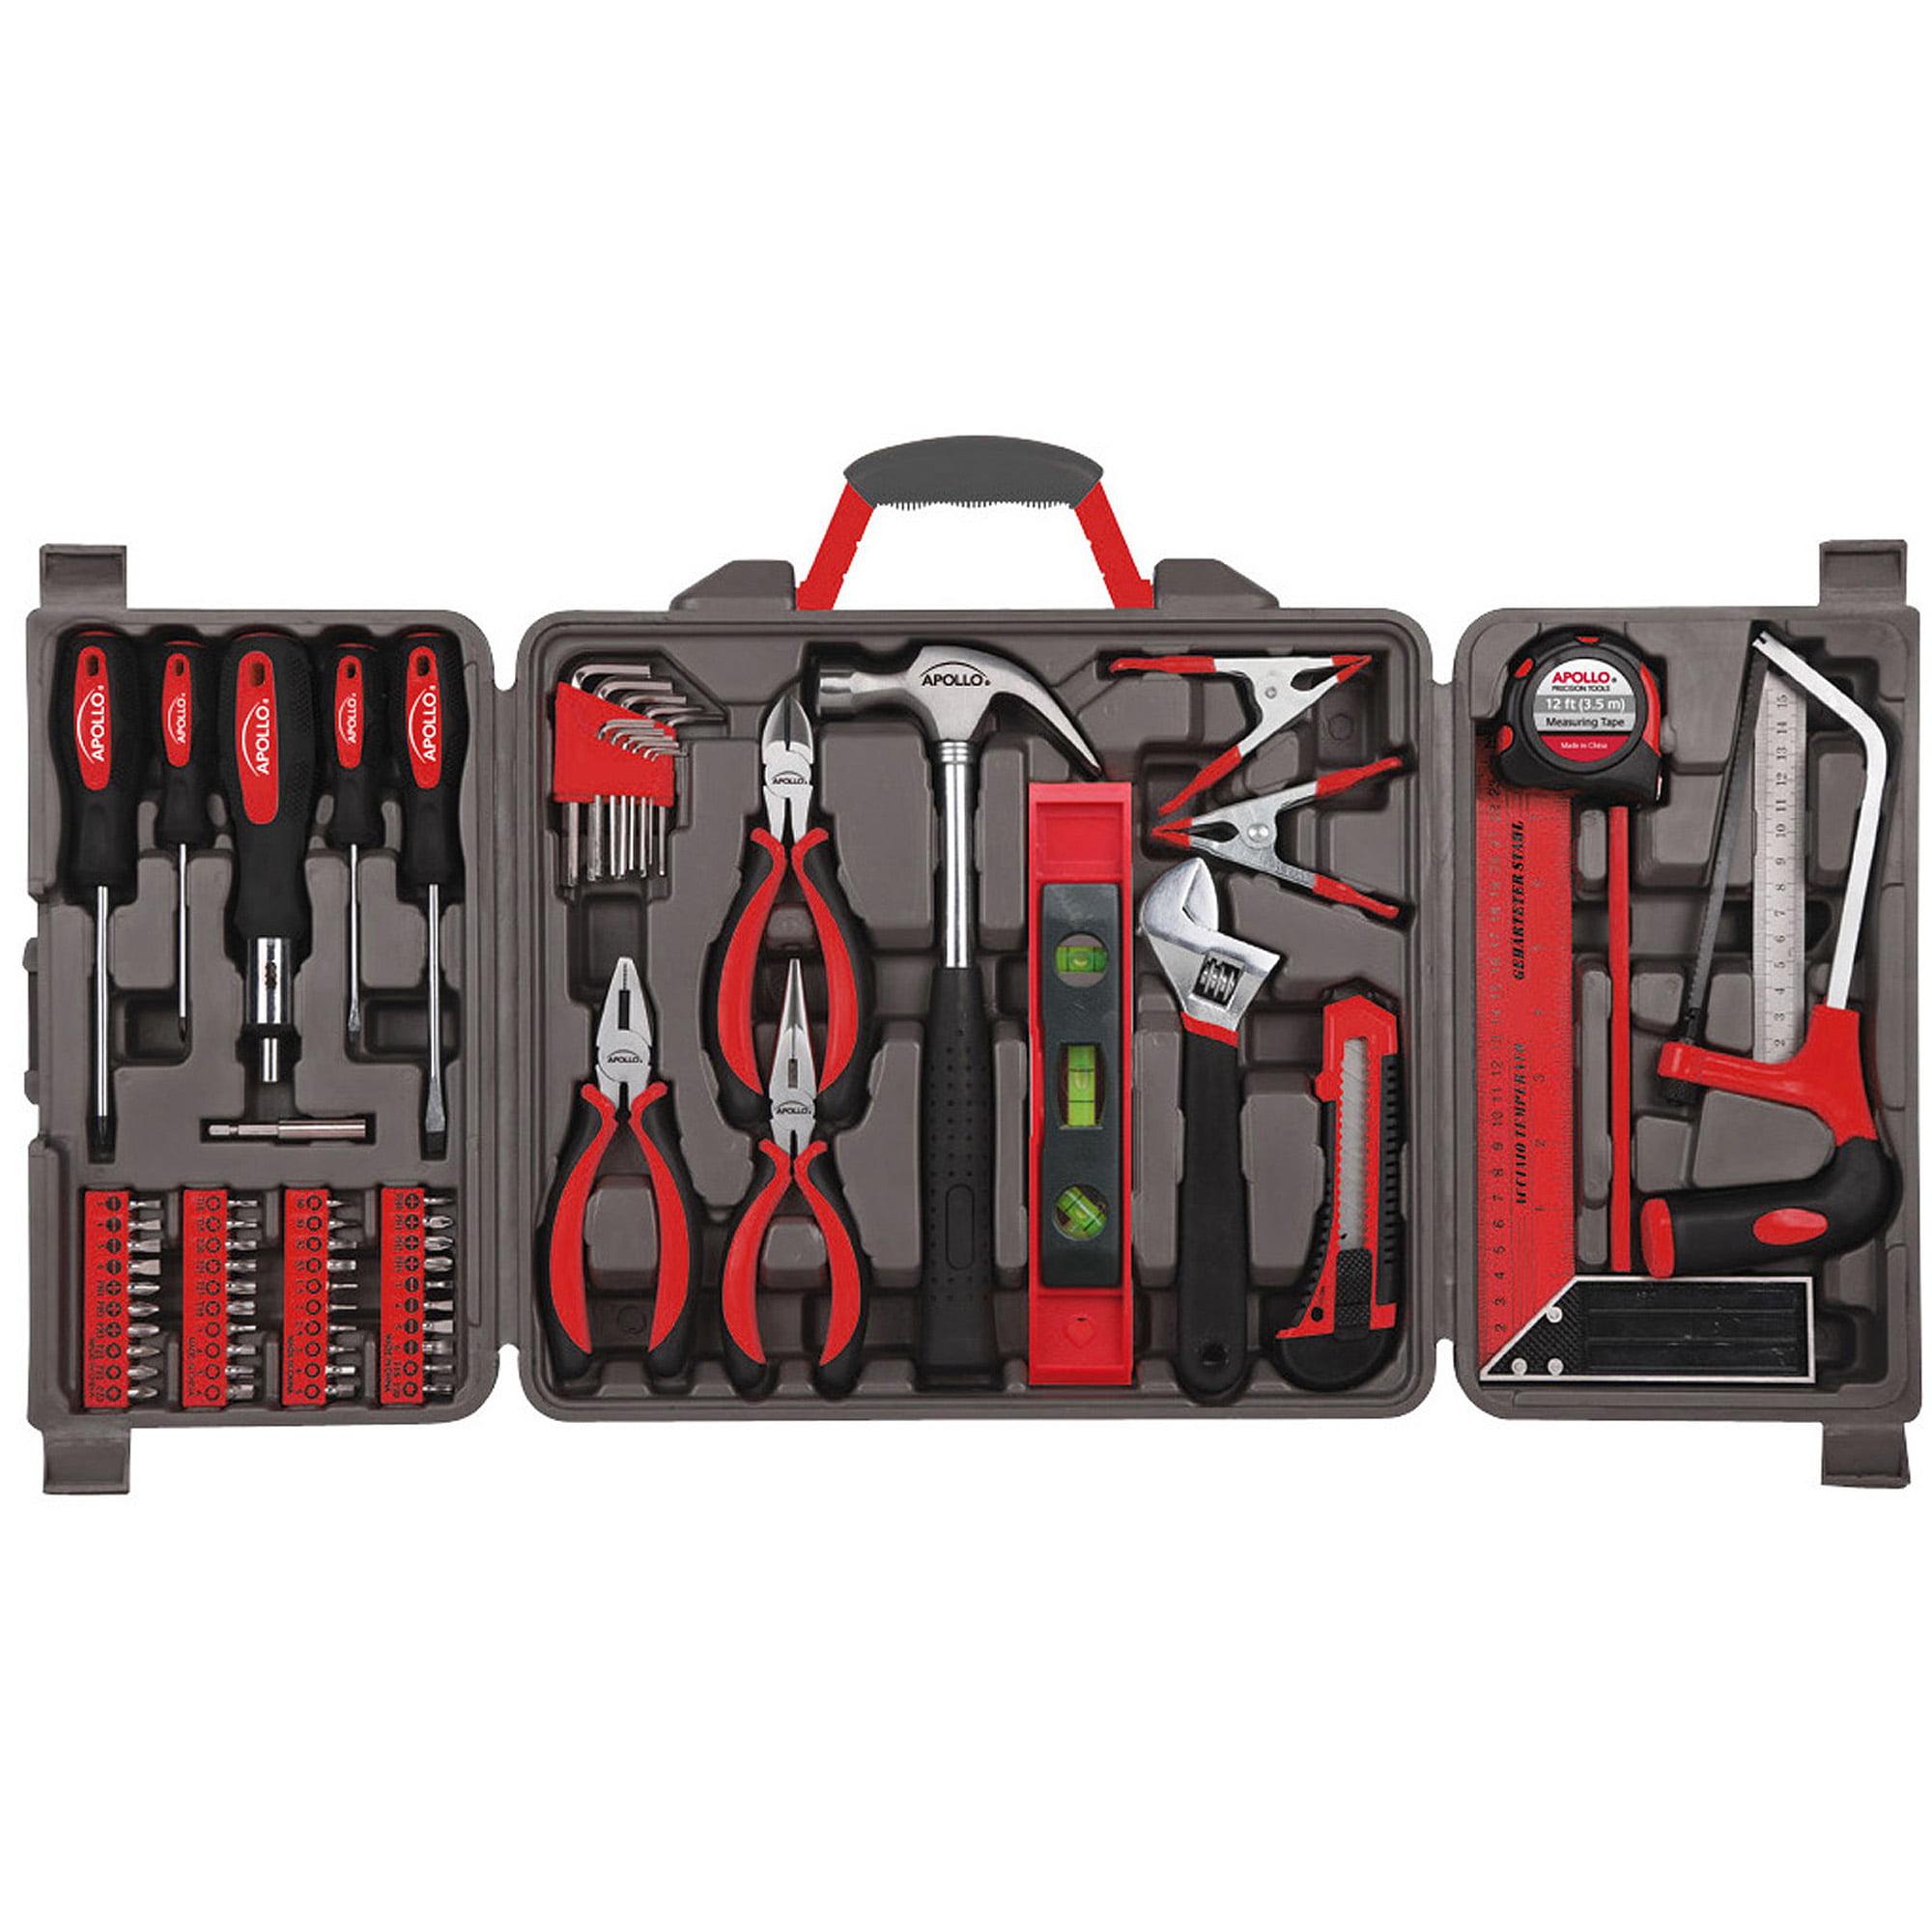 Apollo Tools 71-Piece Household Tool Kit